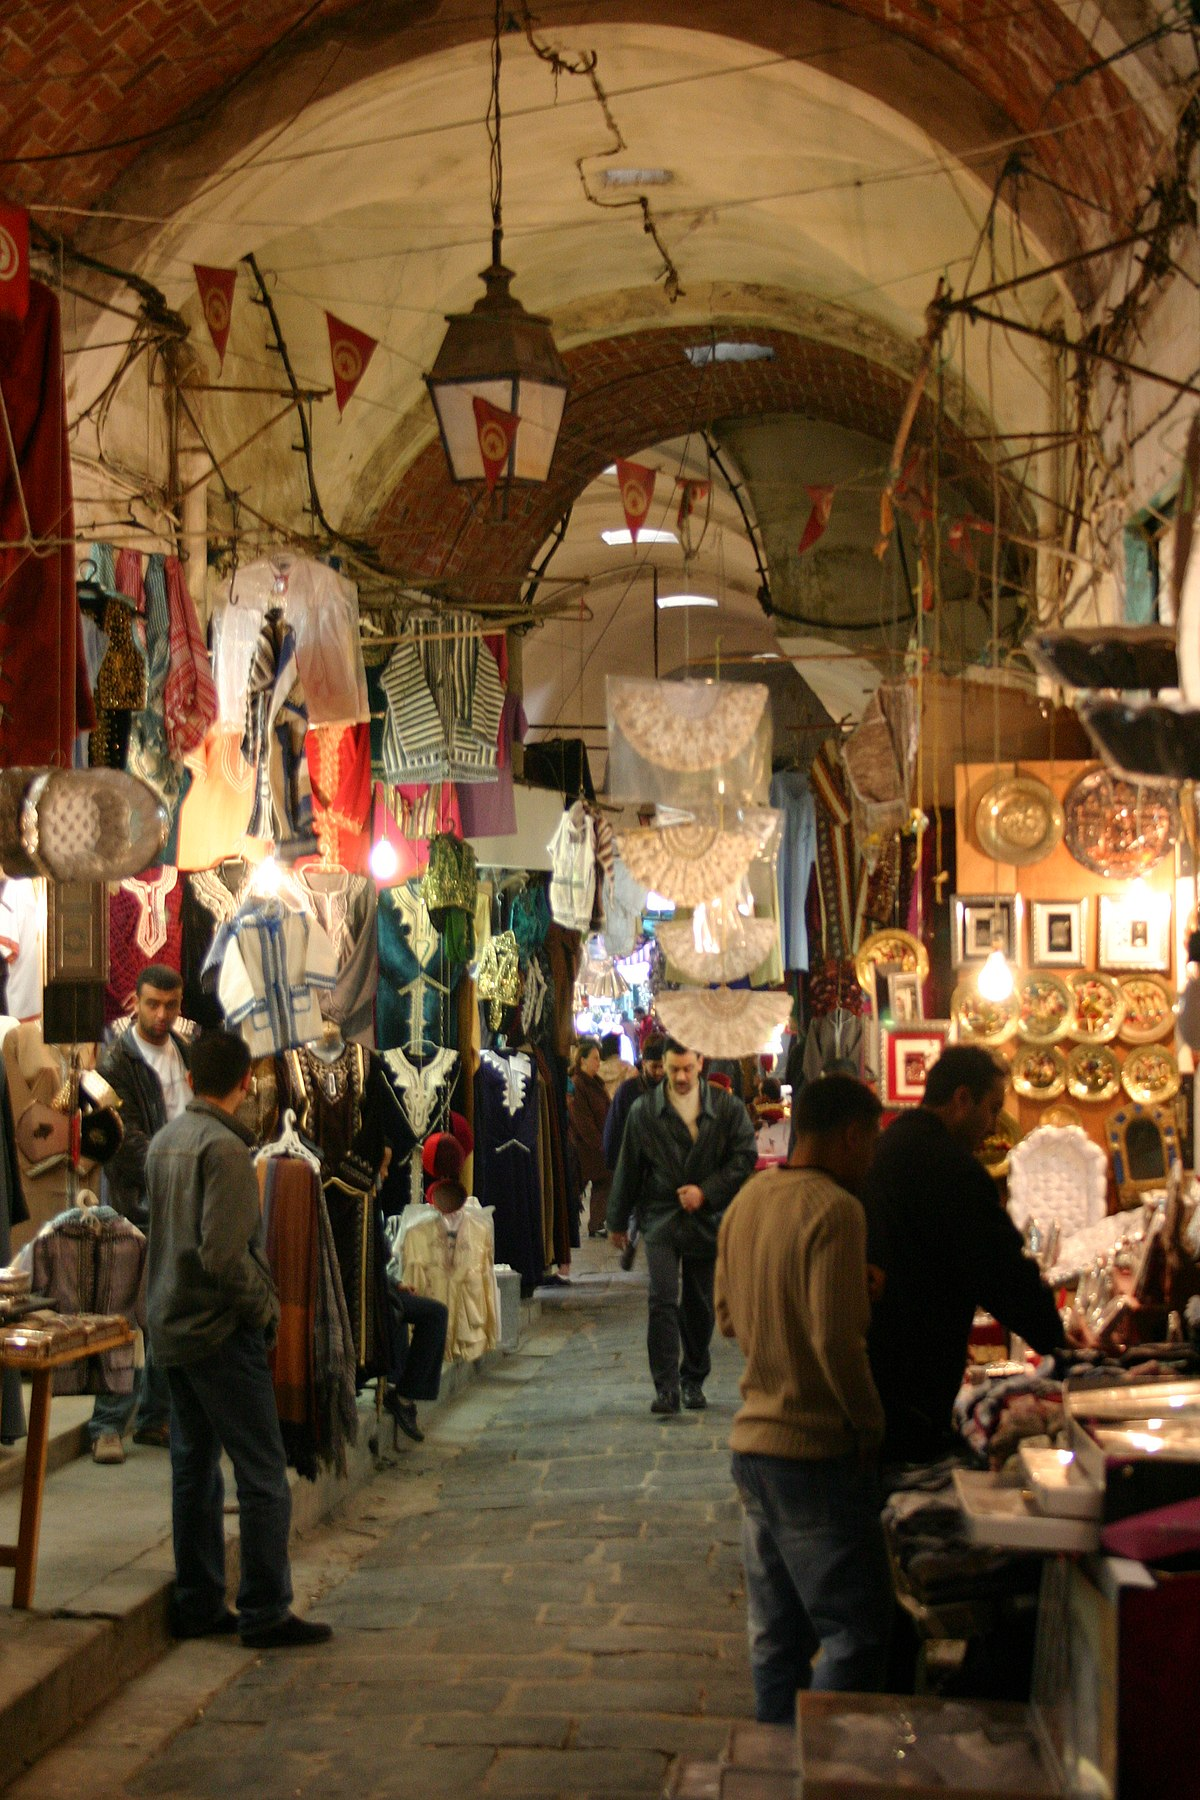 السياحة في تونس ويكيبيديا، الموسوعة الحرة